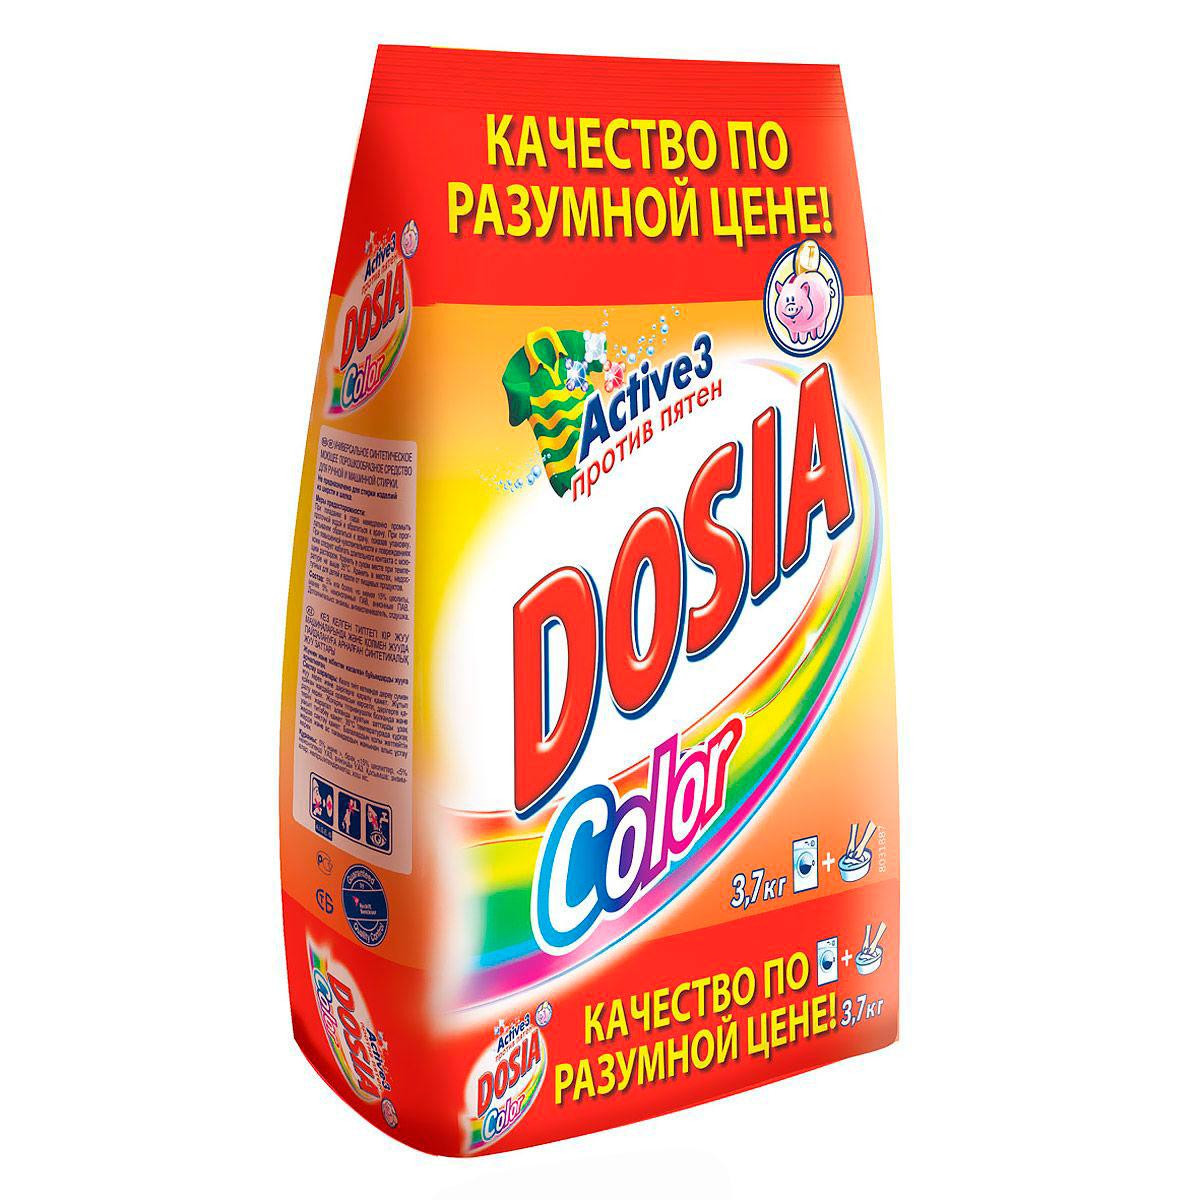 ���������� ������� Dosia Color 3,7 ��